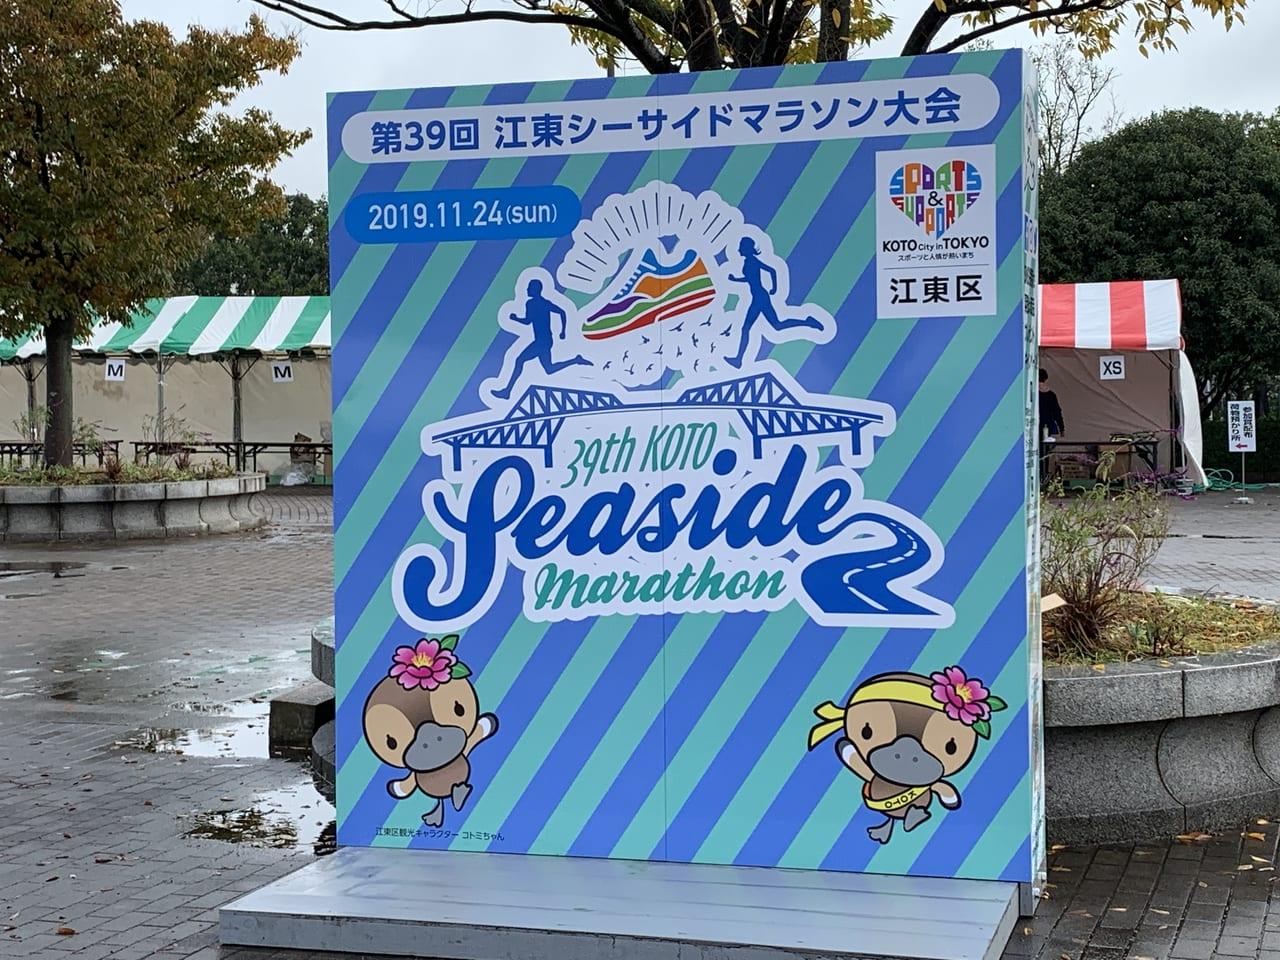 江東シーサイドマラソン2019 フォトブース